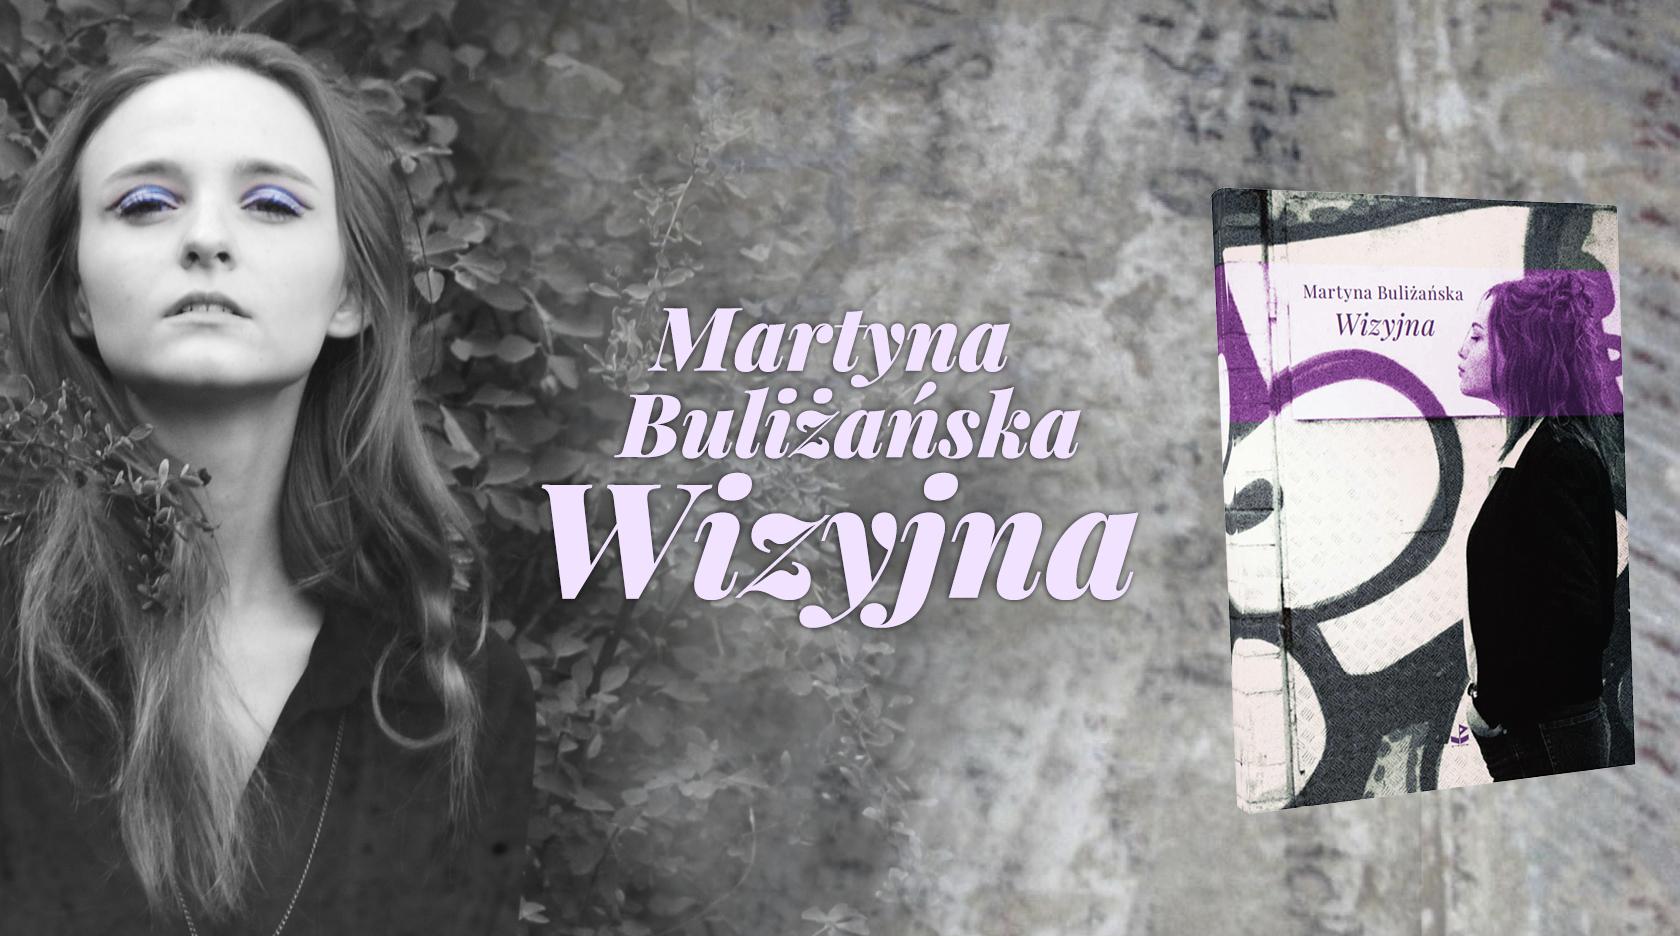 BL Img 2017.06.26 Martyna BULIŻAŃSKA wizyjna_www_top